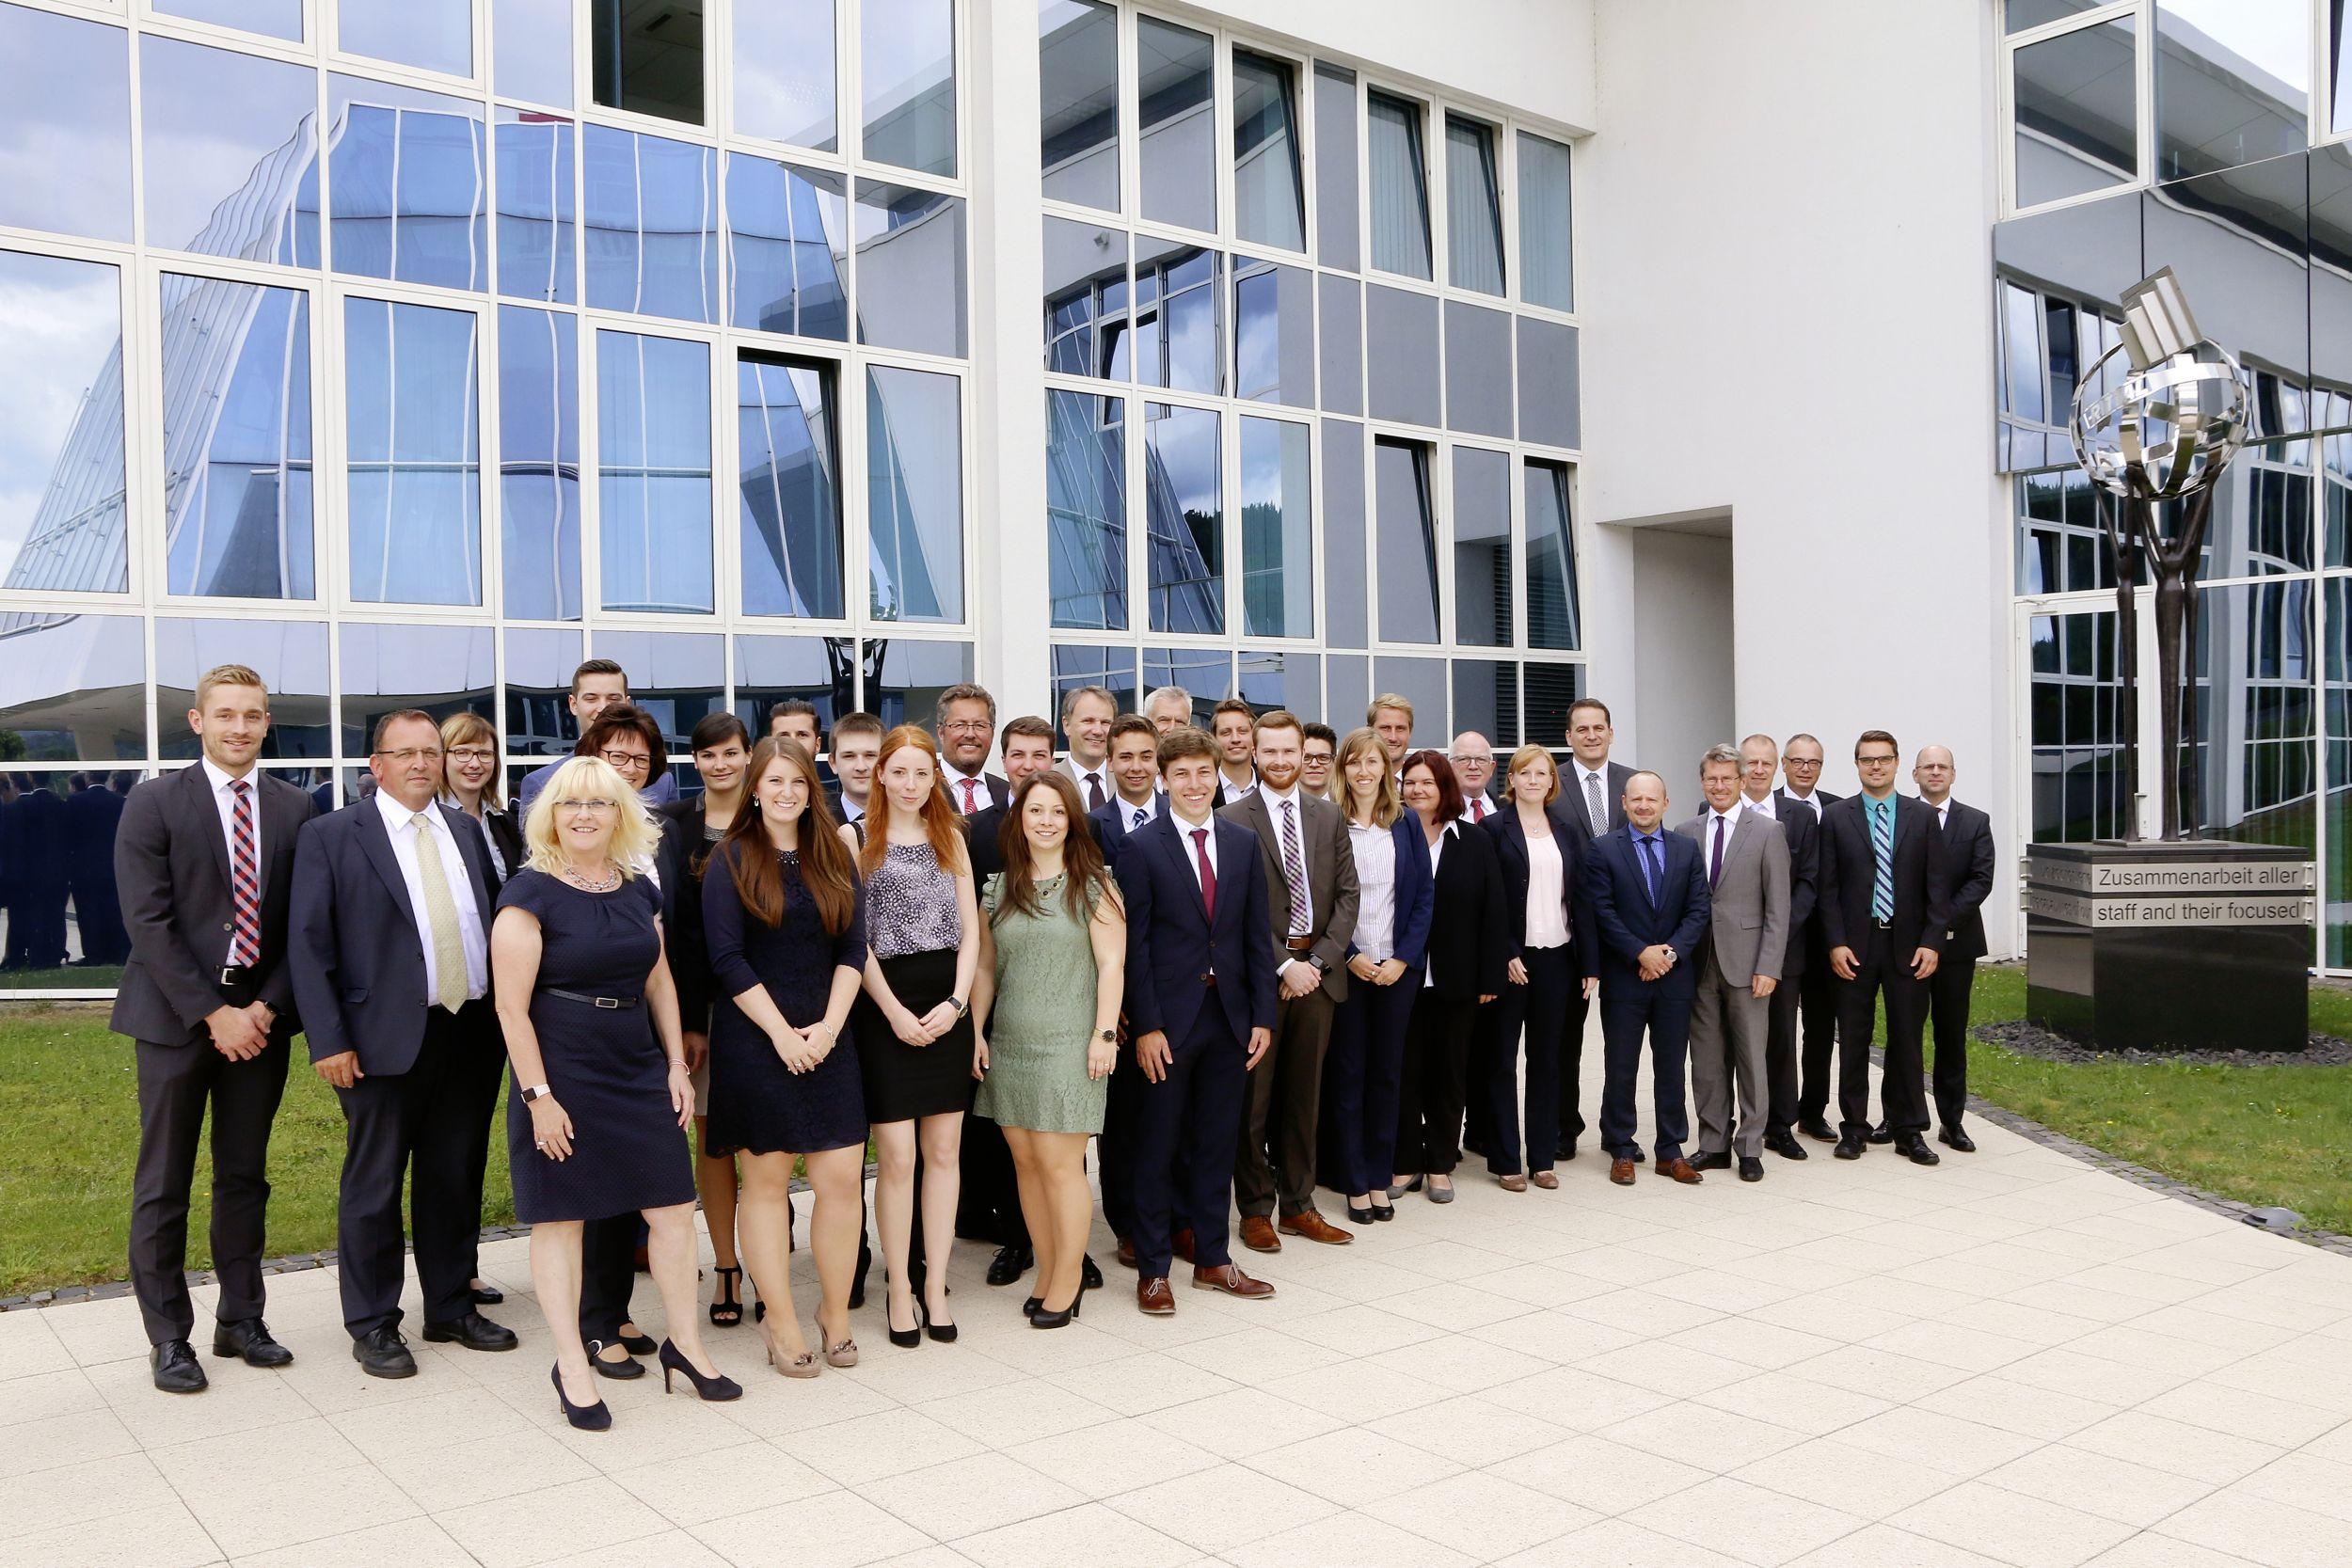 Zeugnisübergabe: 110 neue Fachkräfte in der Friedhelm Loh Group